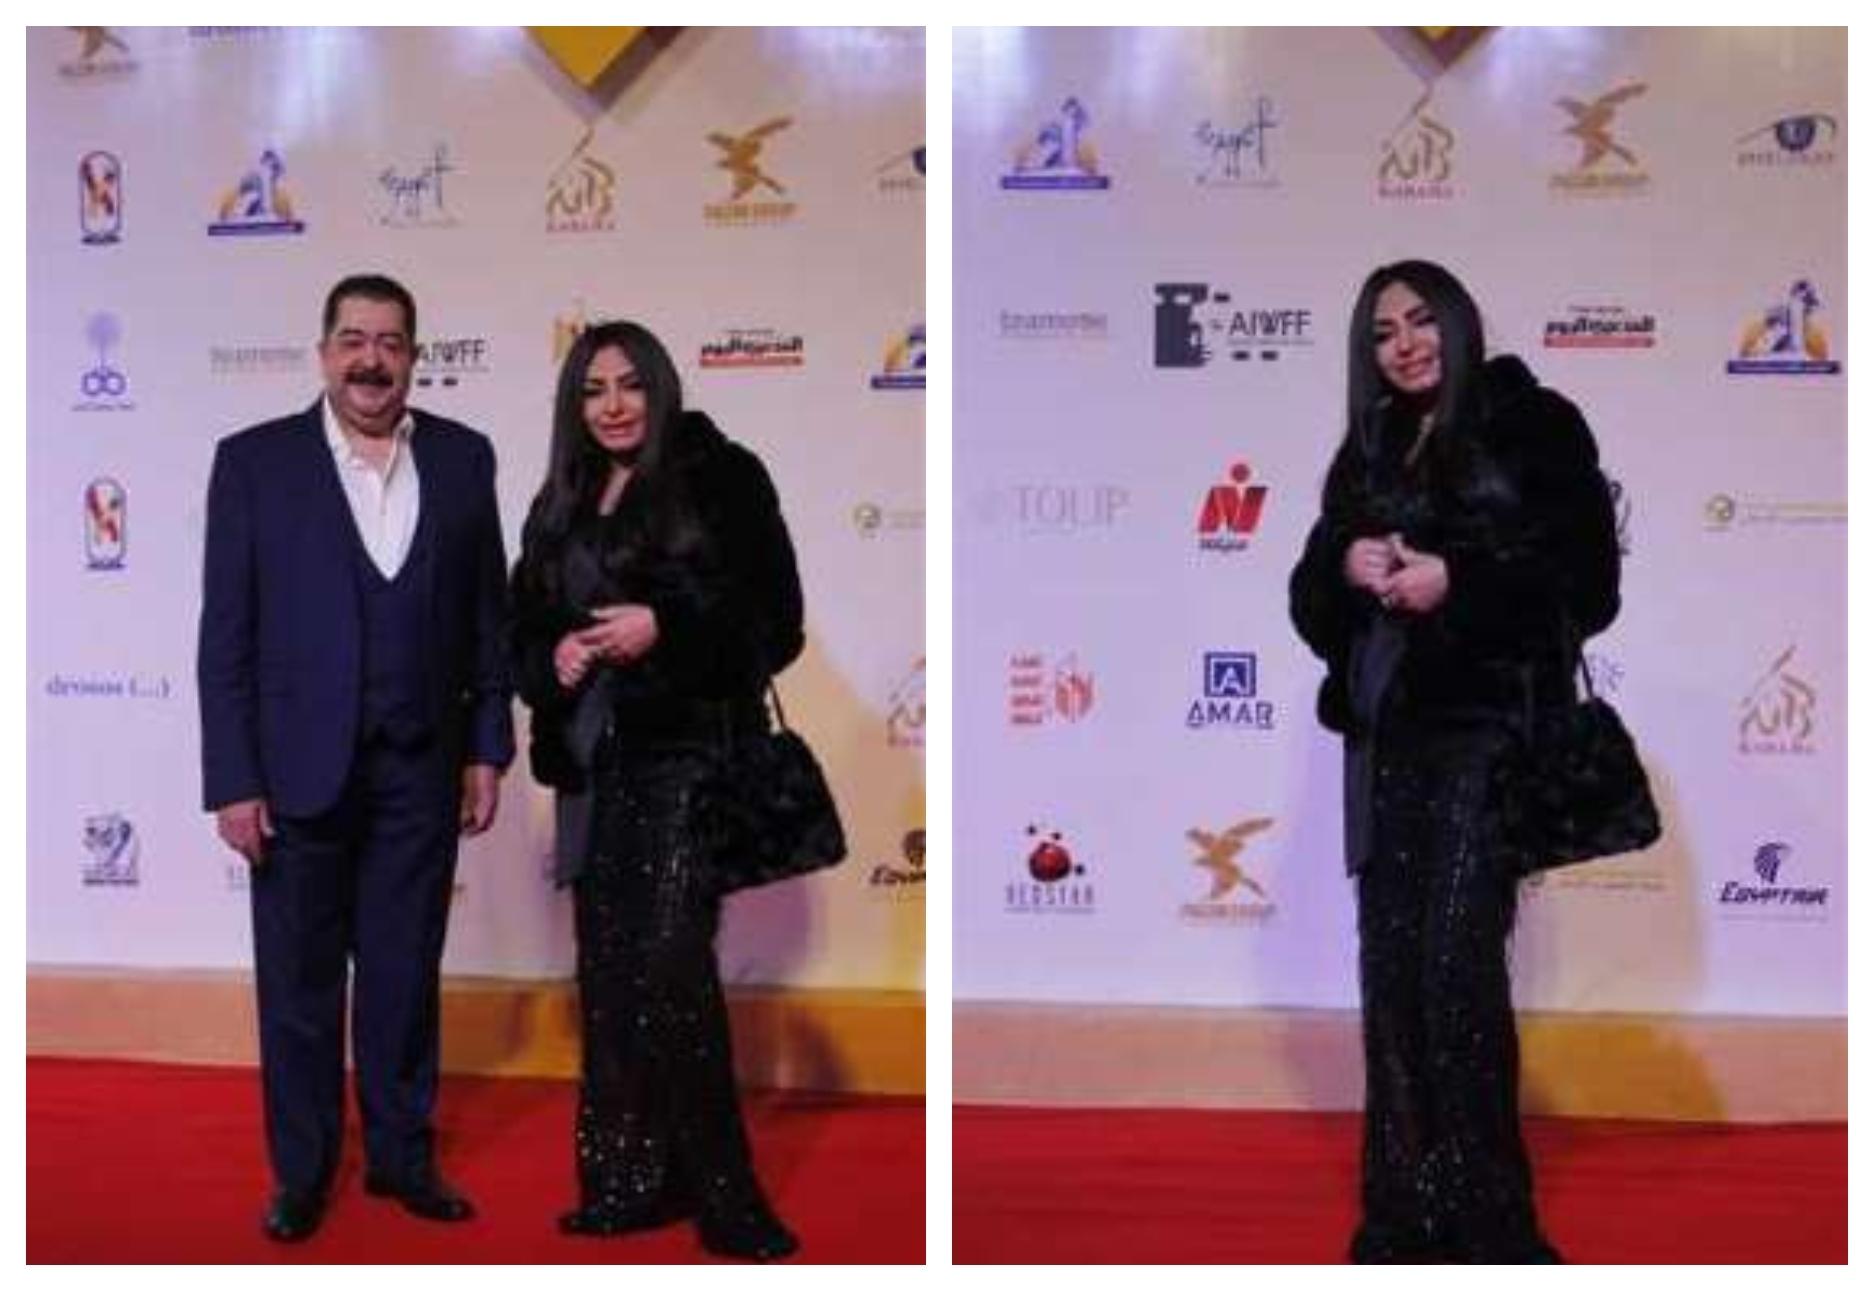 إطلالة سلوى خطاب في ختام مهرجان أسوان لأفلام المرأة